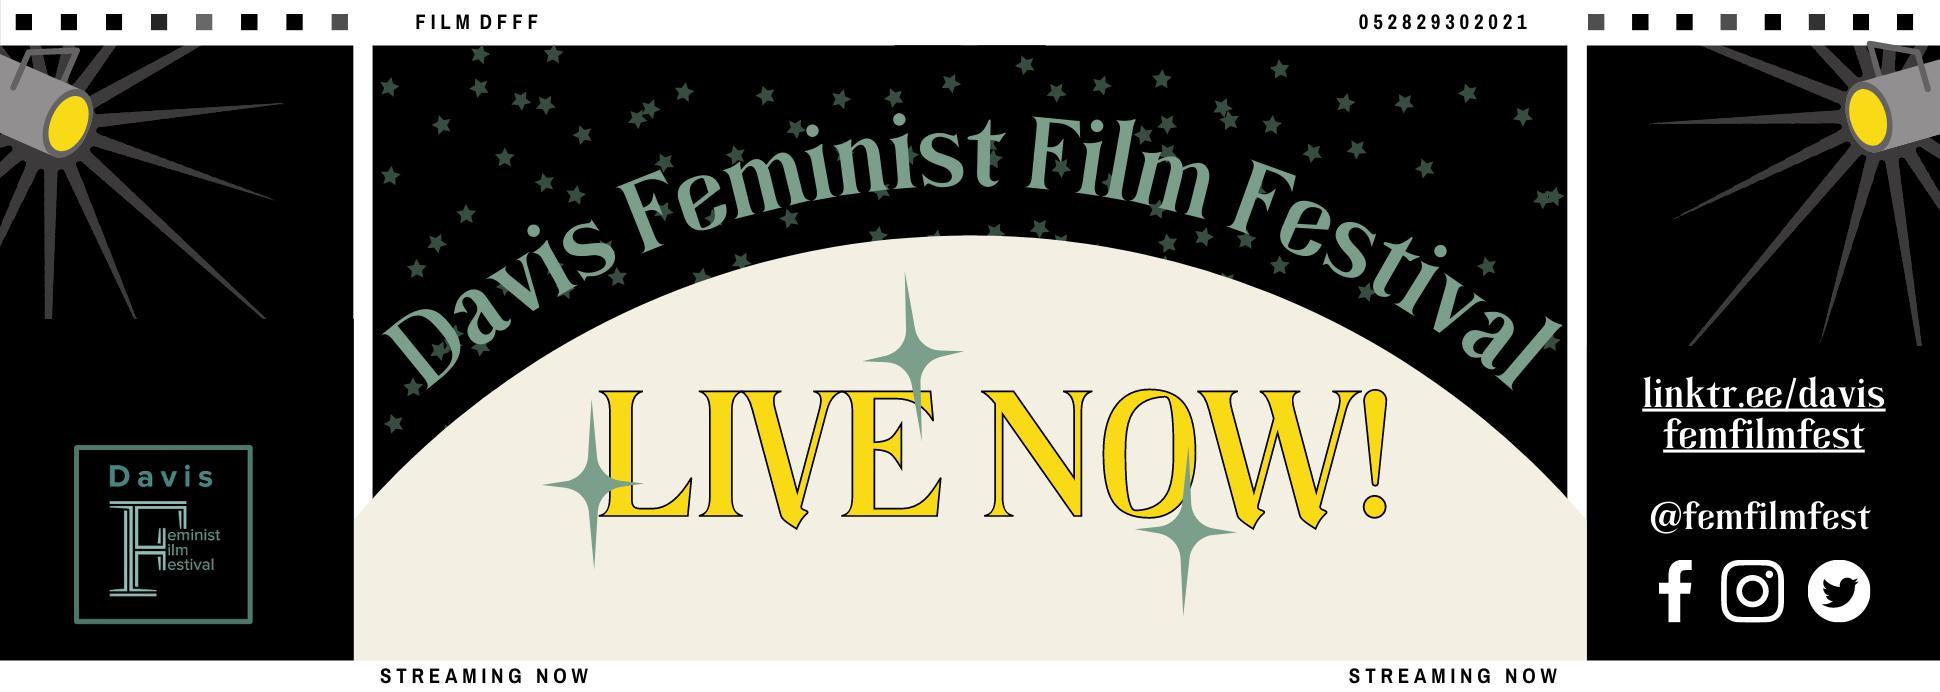 Davis Feminist Film Fest 2021